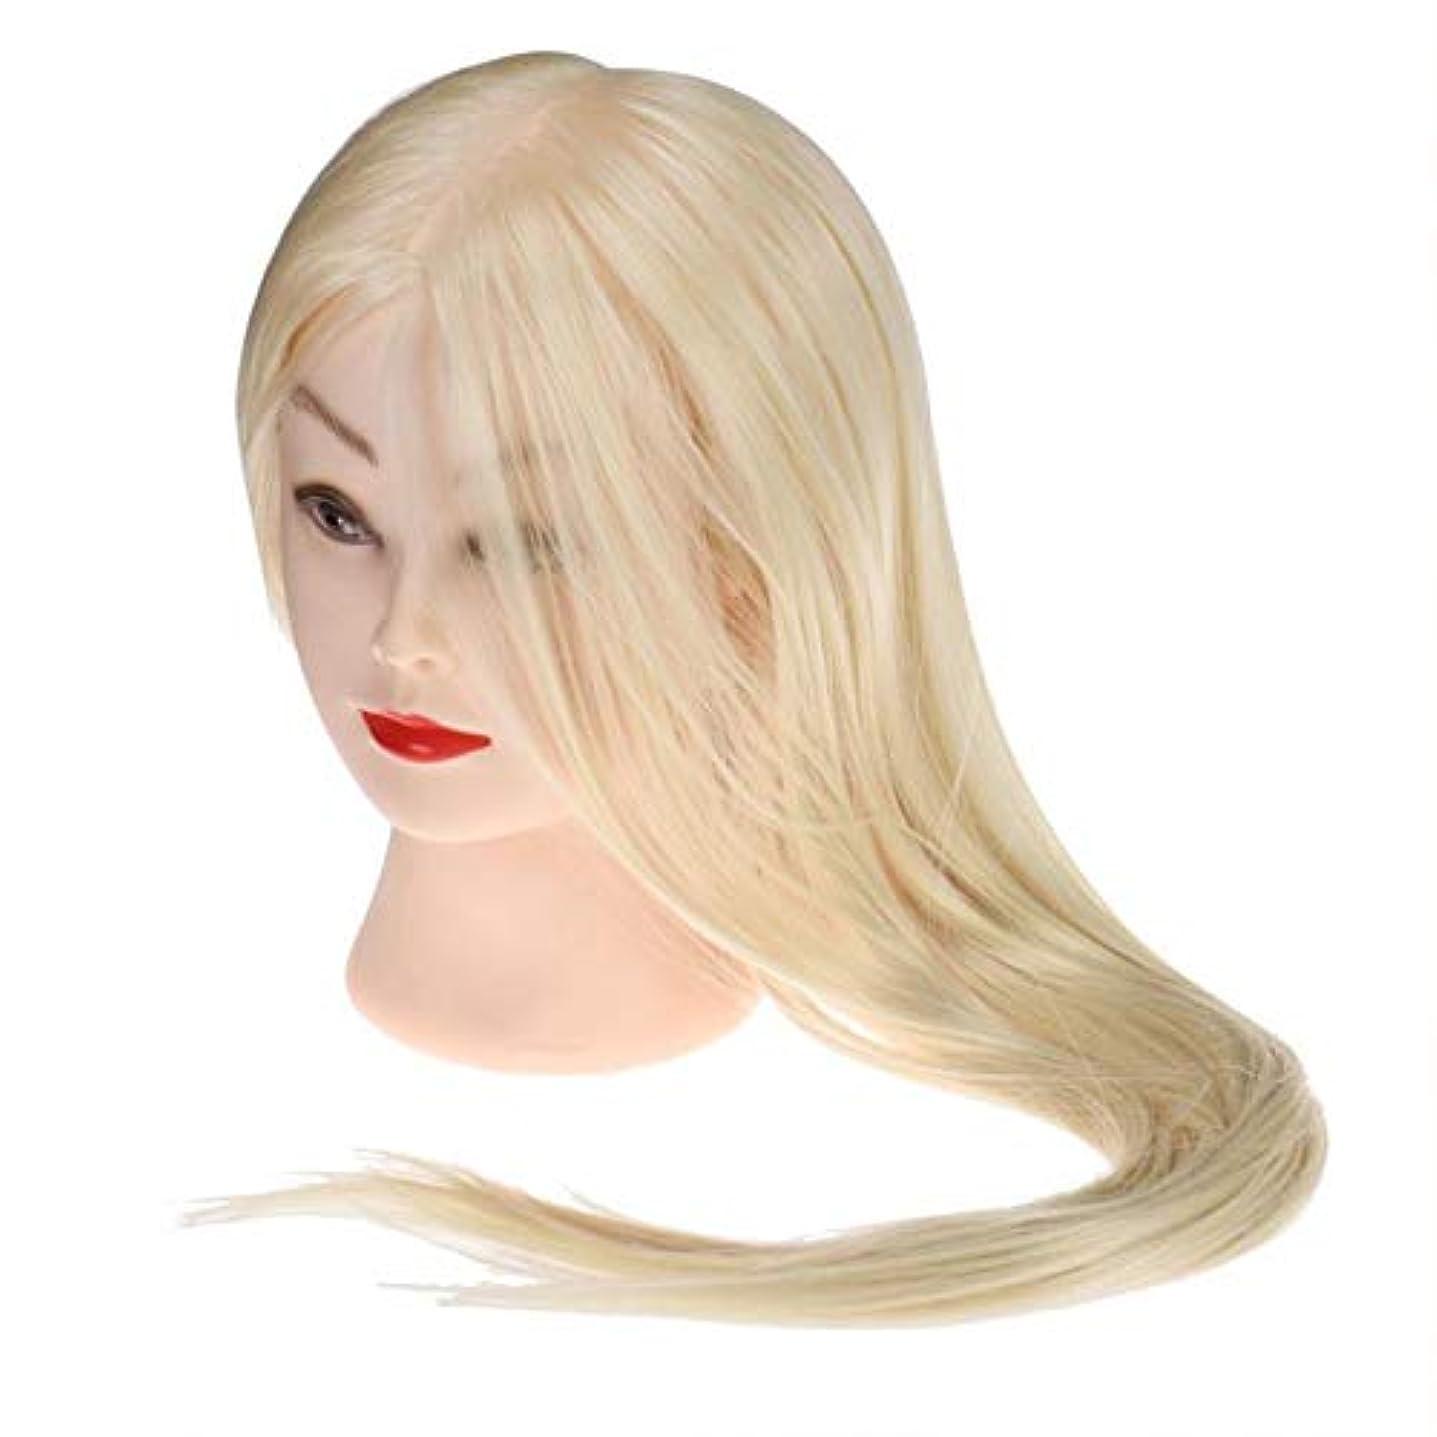 勇者を通して無効にするサロン散髪練習ヘッドモデルメイク学校編組髪開発学習モデルヘッドヘアストレートロングかつら